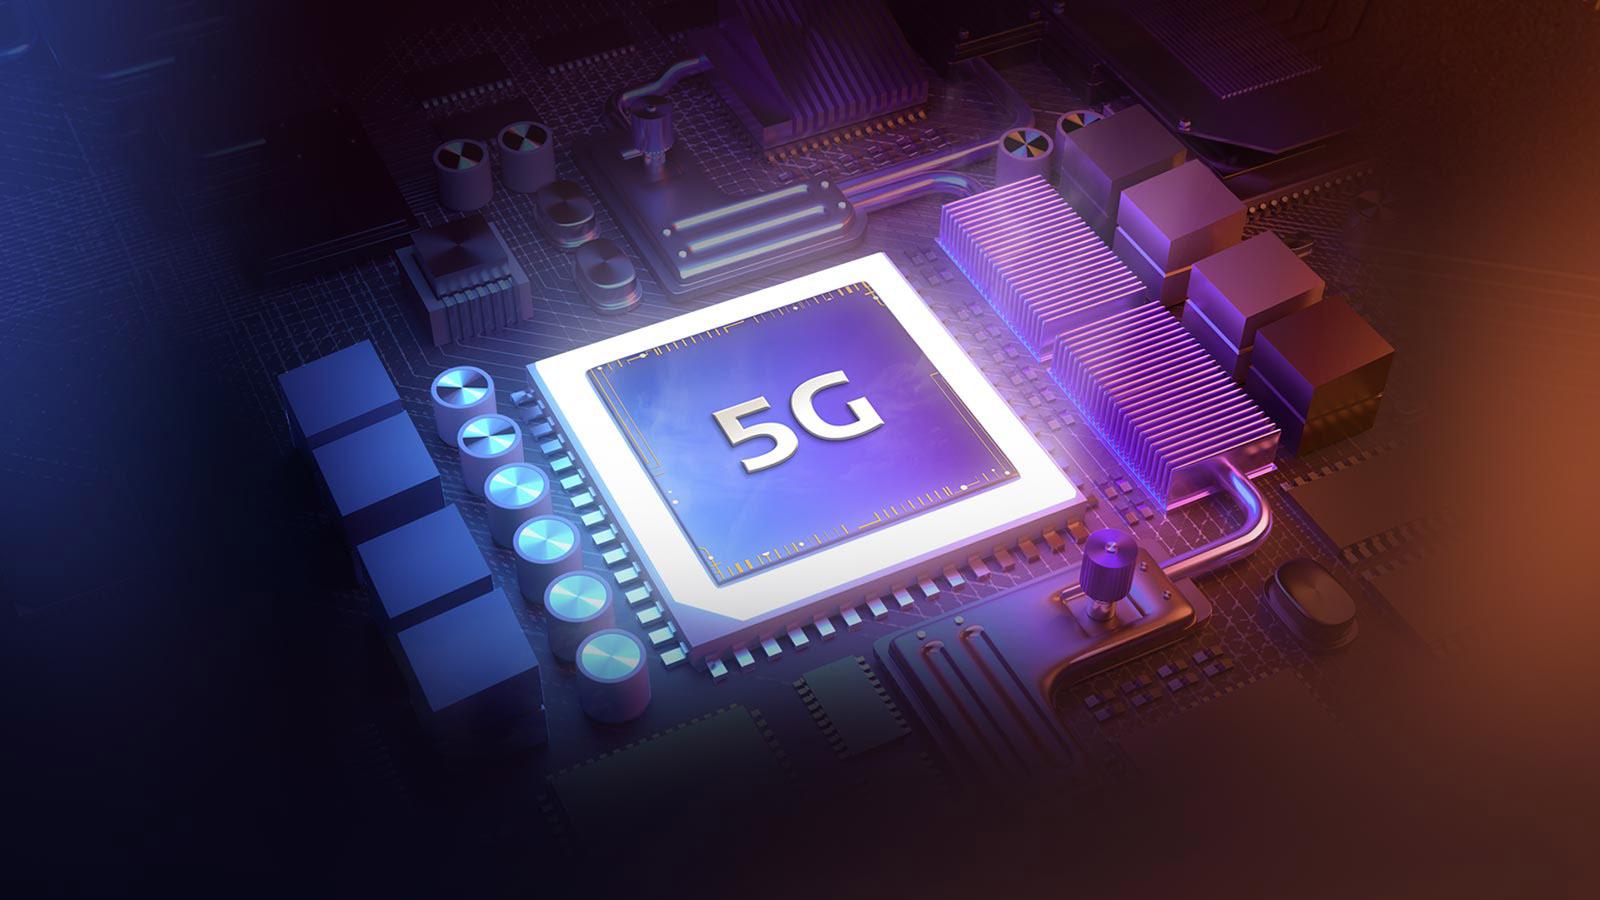 MediaTek svela i suoi primi chip per laptop 5G in collaborazione con Intel